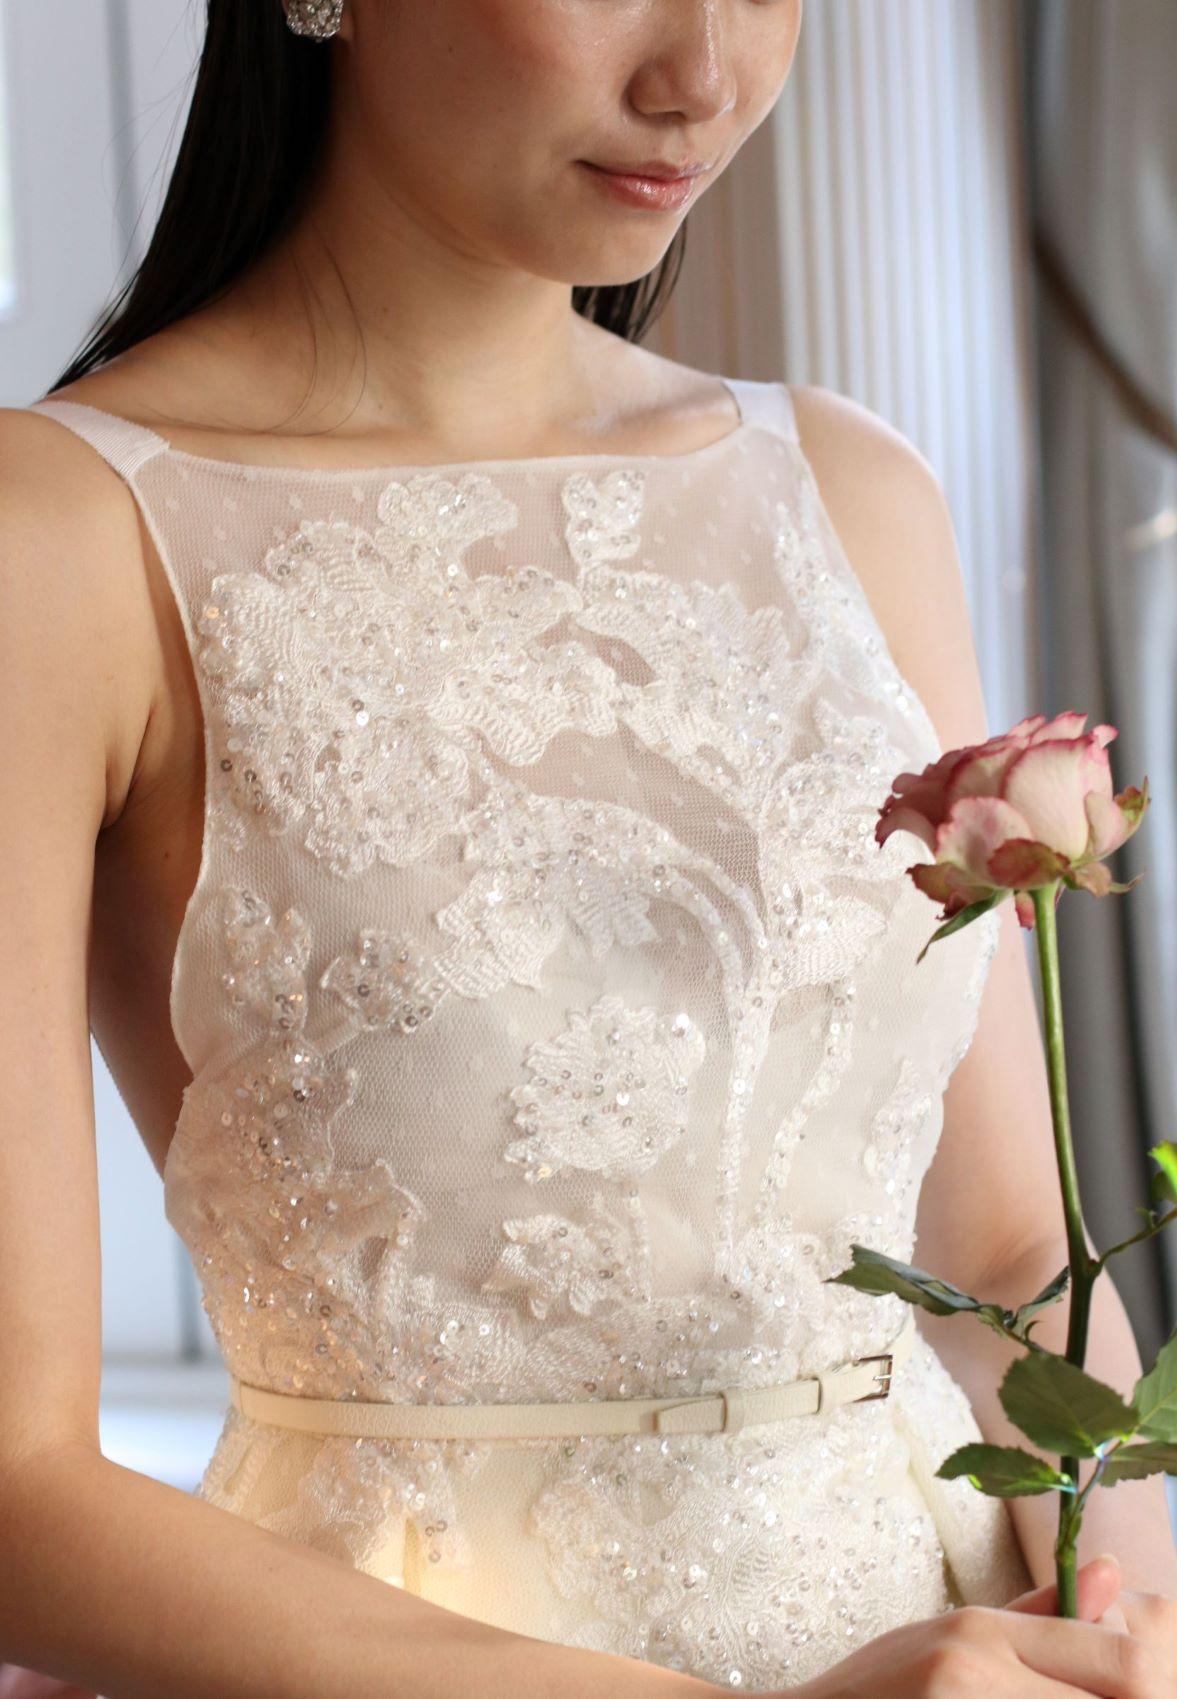 トリートドレッシングのキラキラした華やかなエリーサーブの肩付きドレス